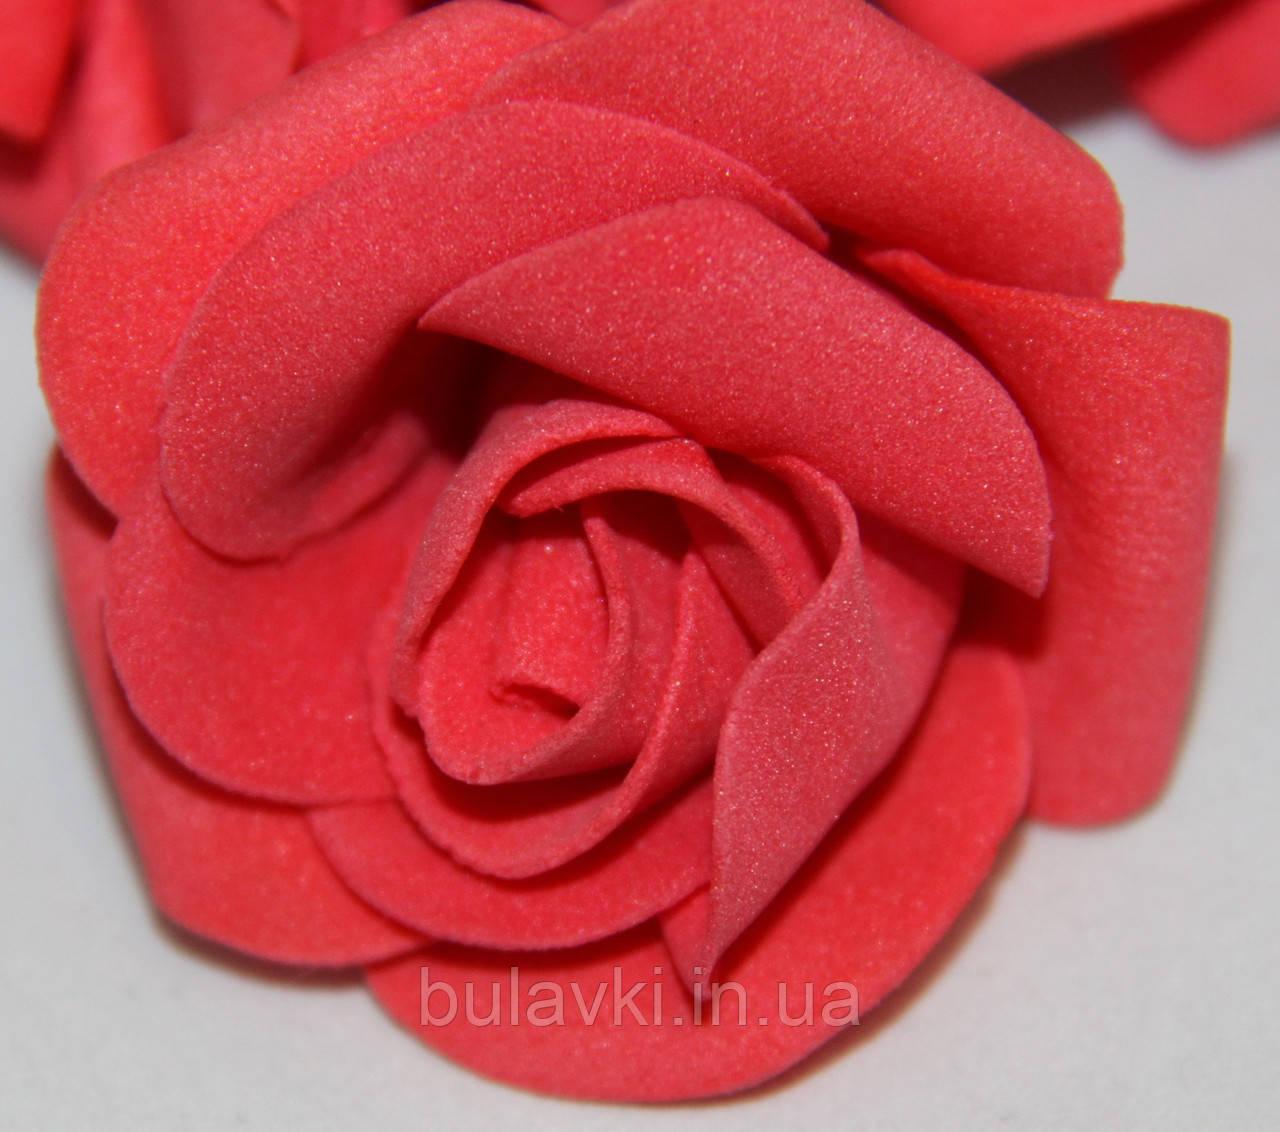 Роза красная 2017-1-18-1 (маленькая)